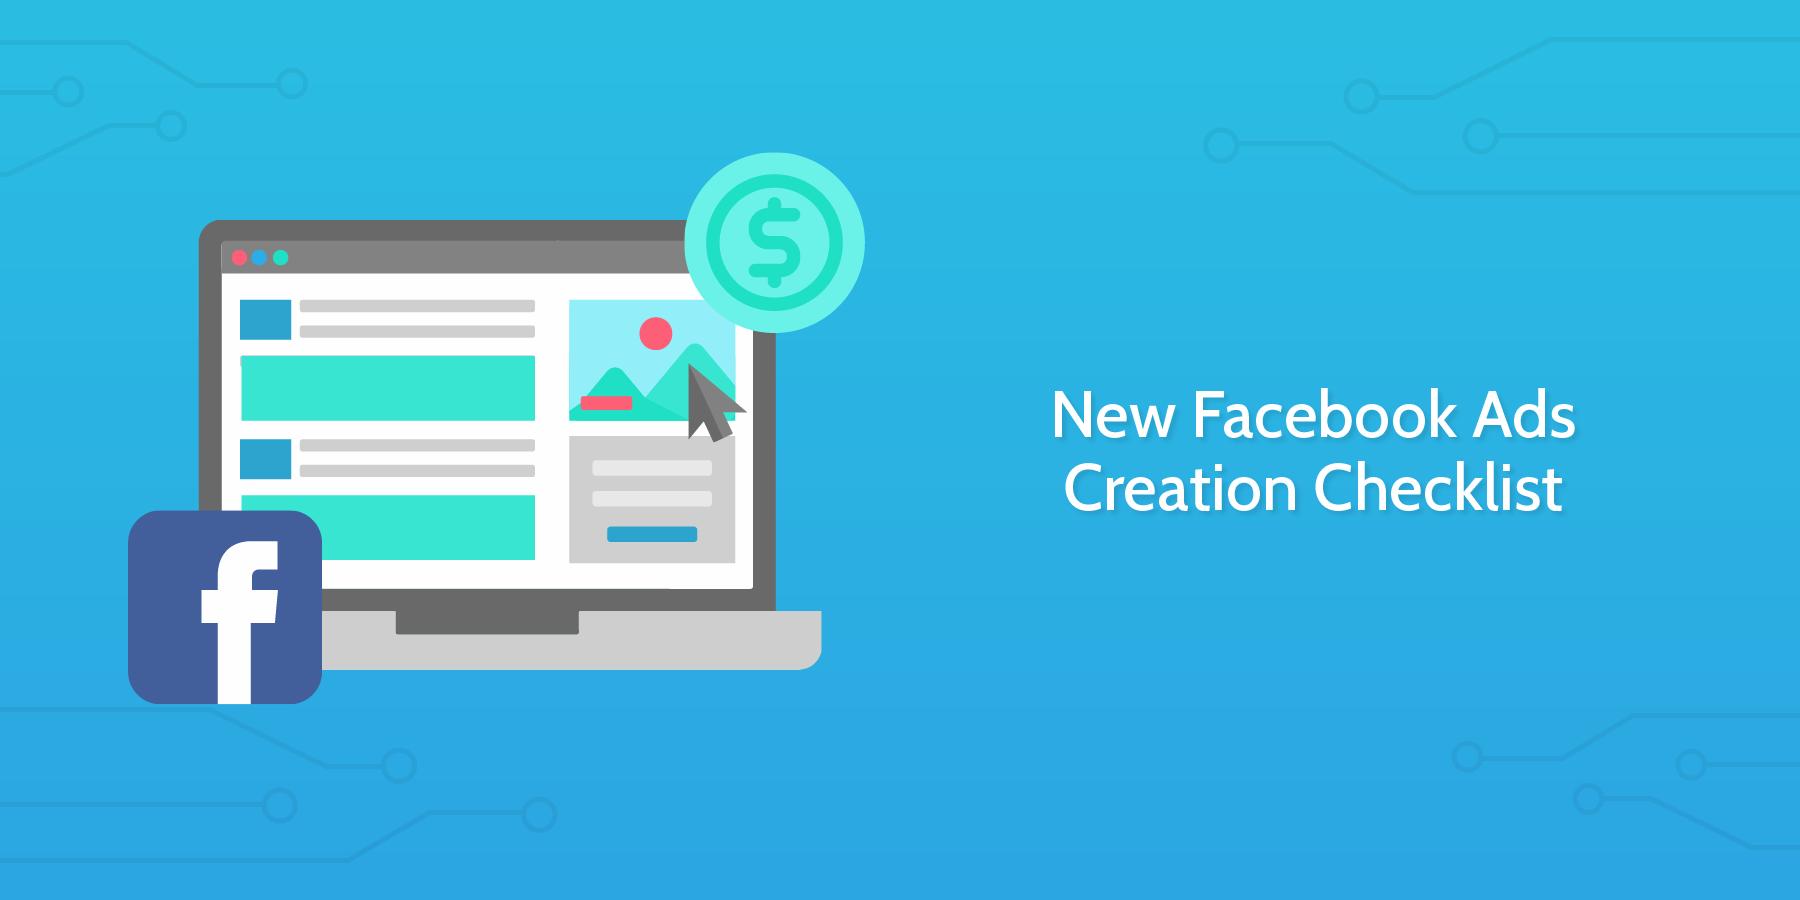 Facebook Ads Creation Checklist